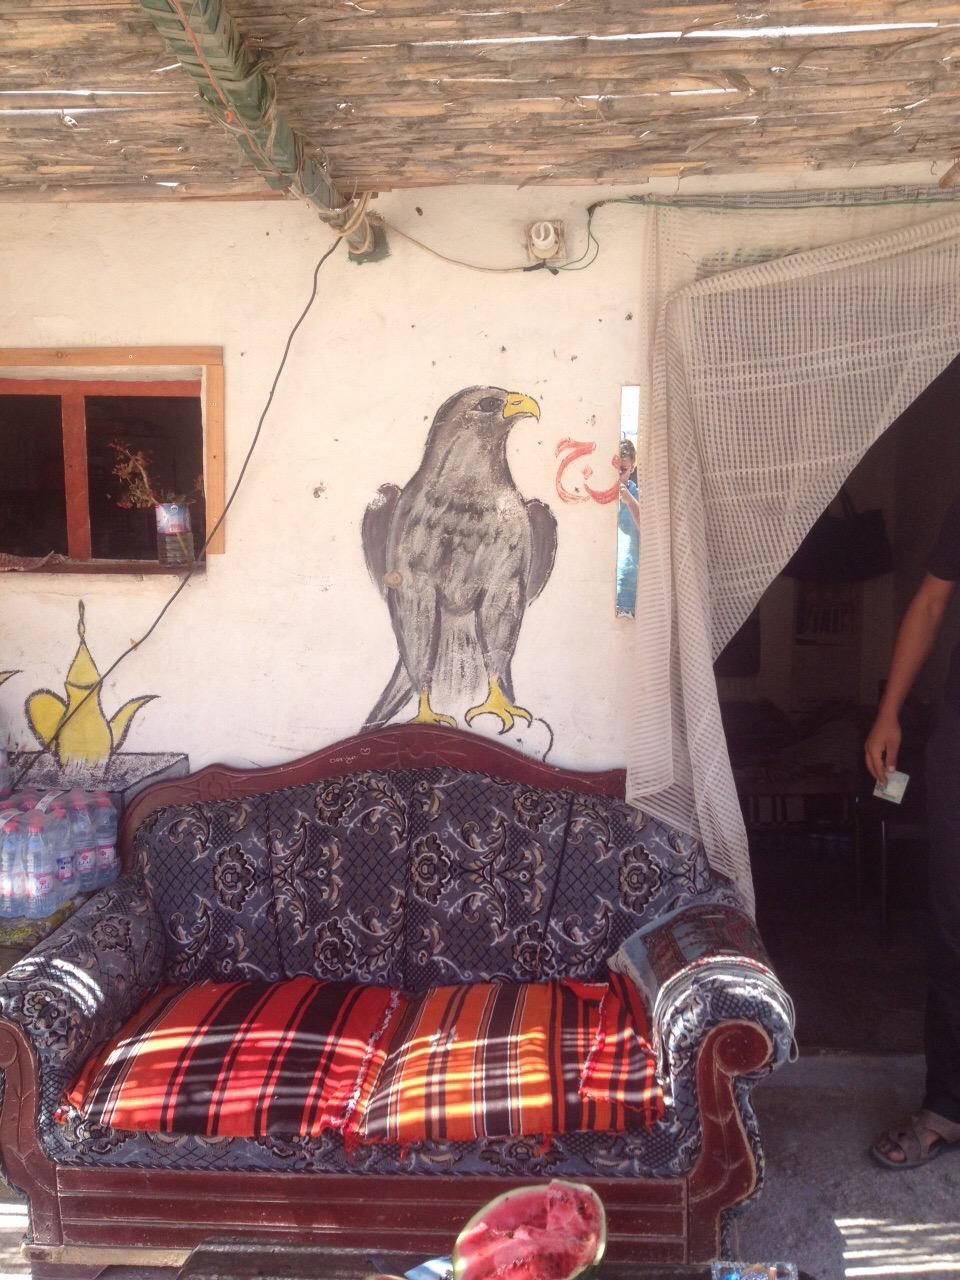 eagle-in-jordan